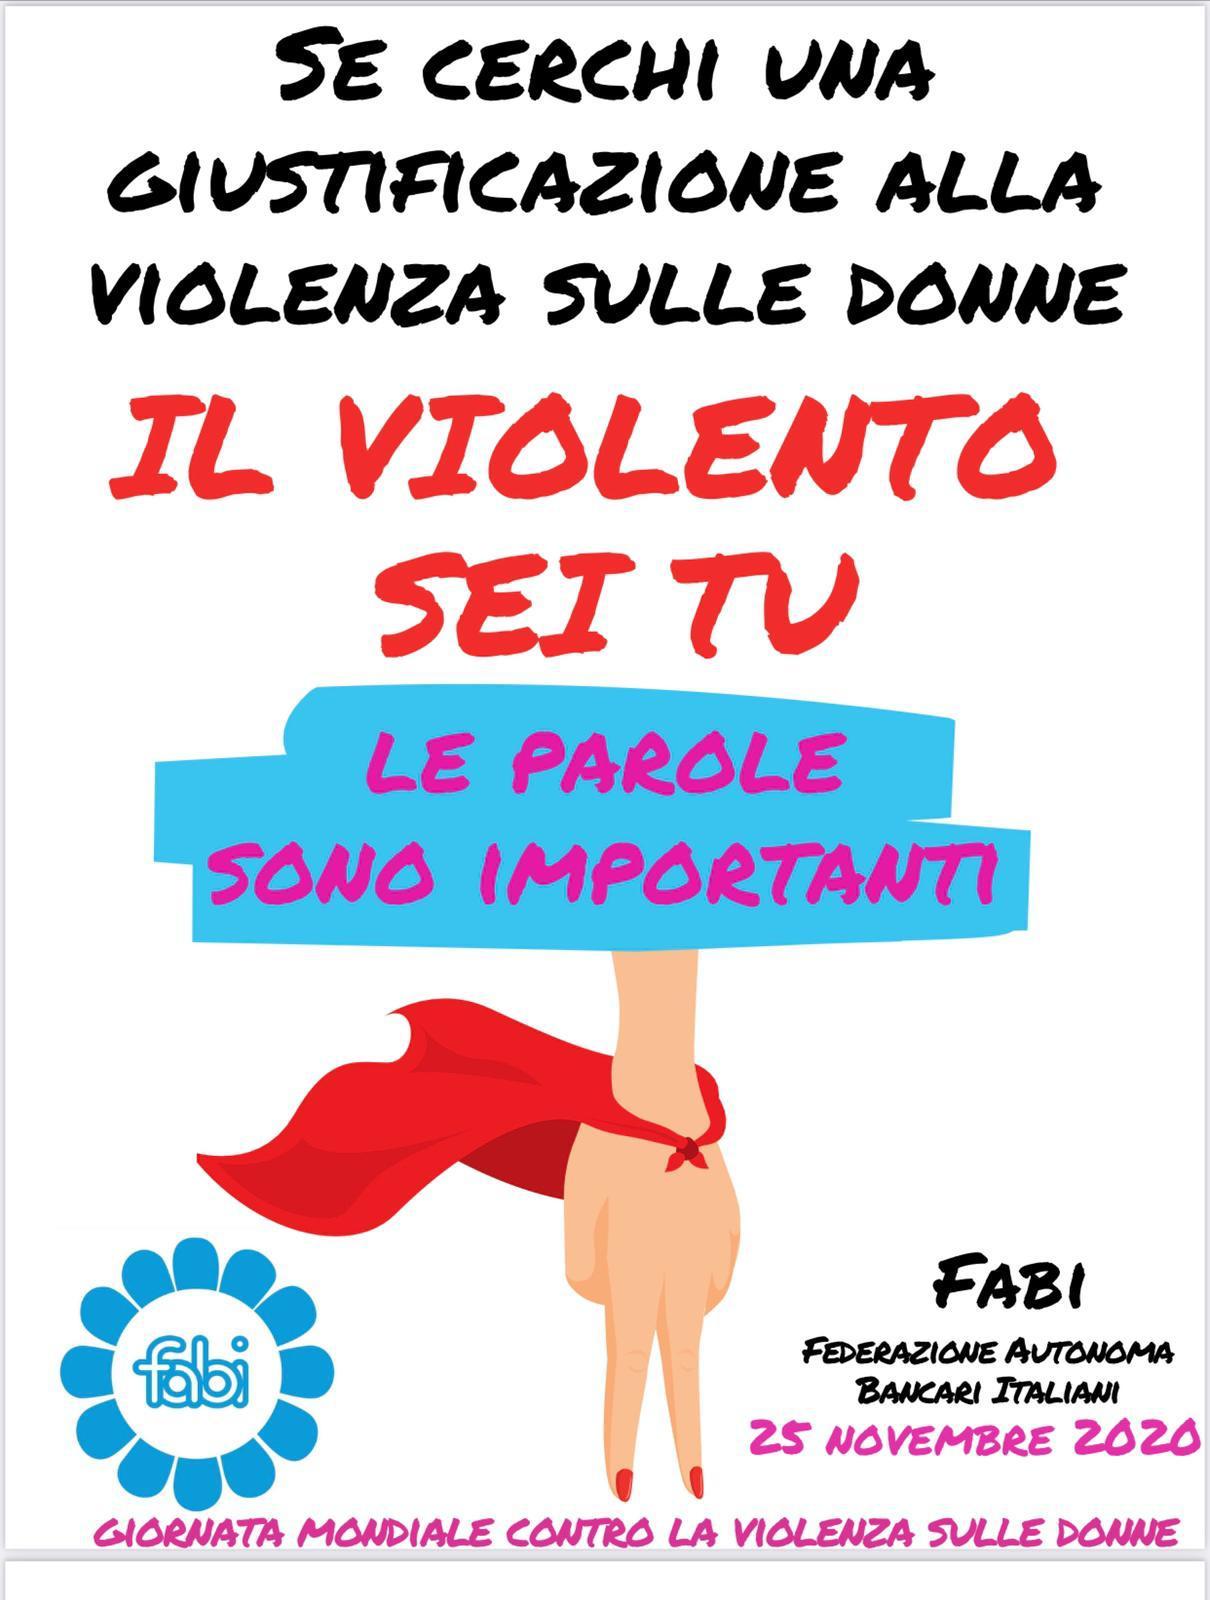 VIOLENZA CONTRO LE DONNE: LE PAROLE SONO IMPORTANTI